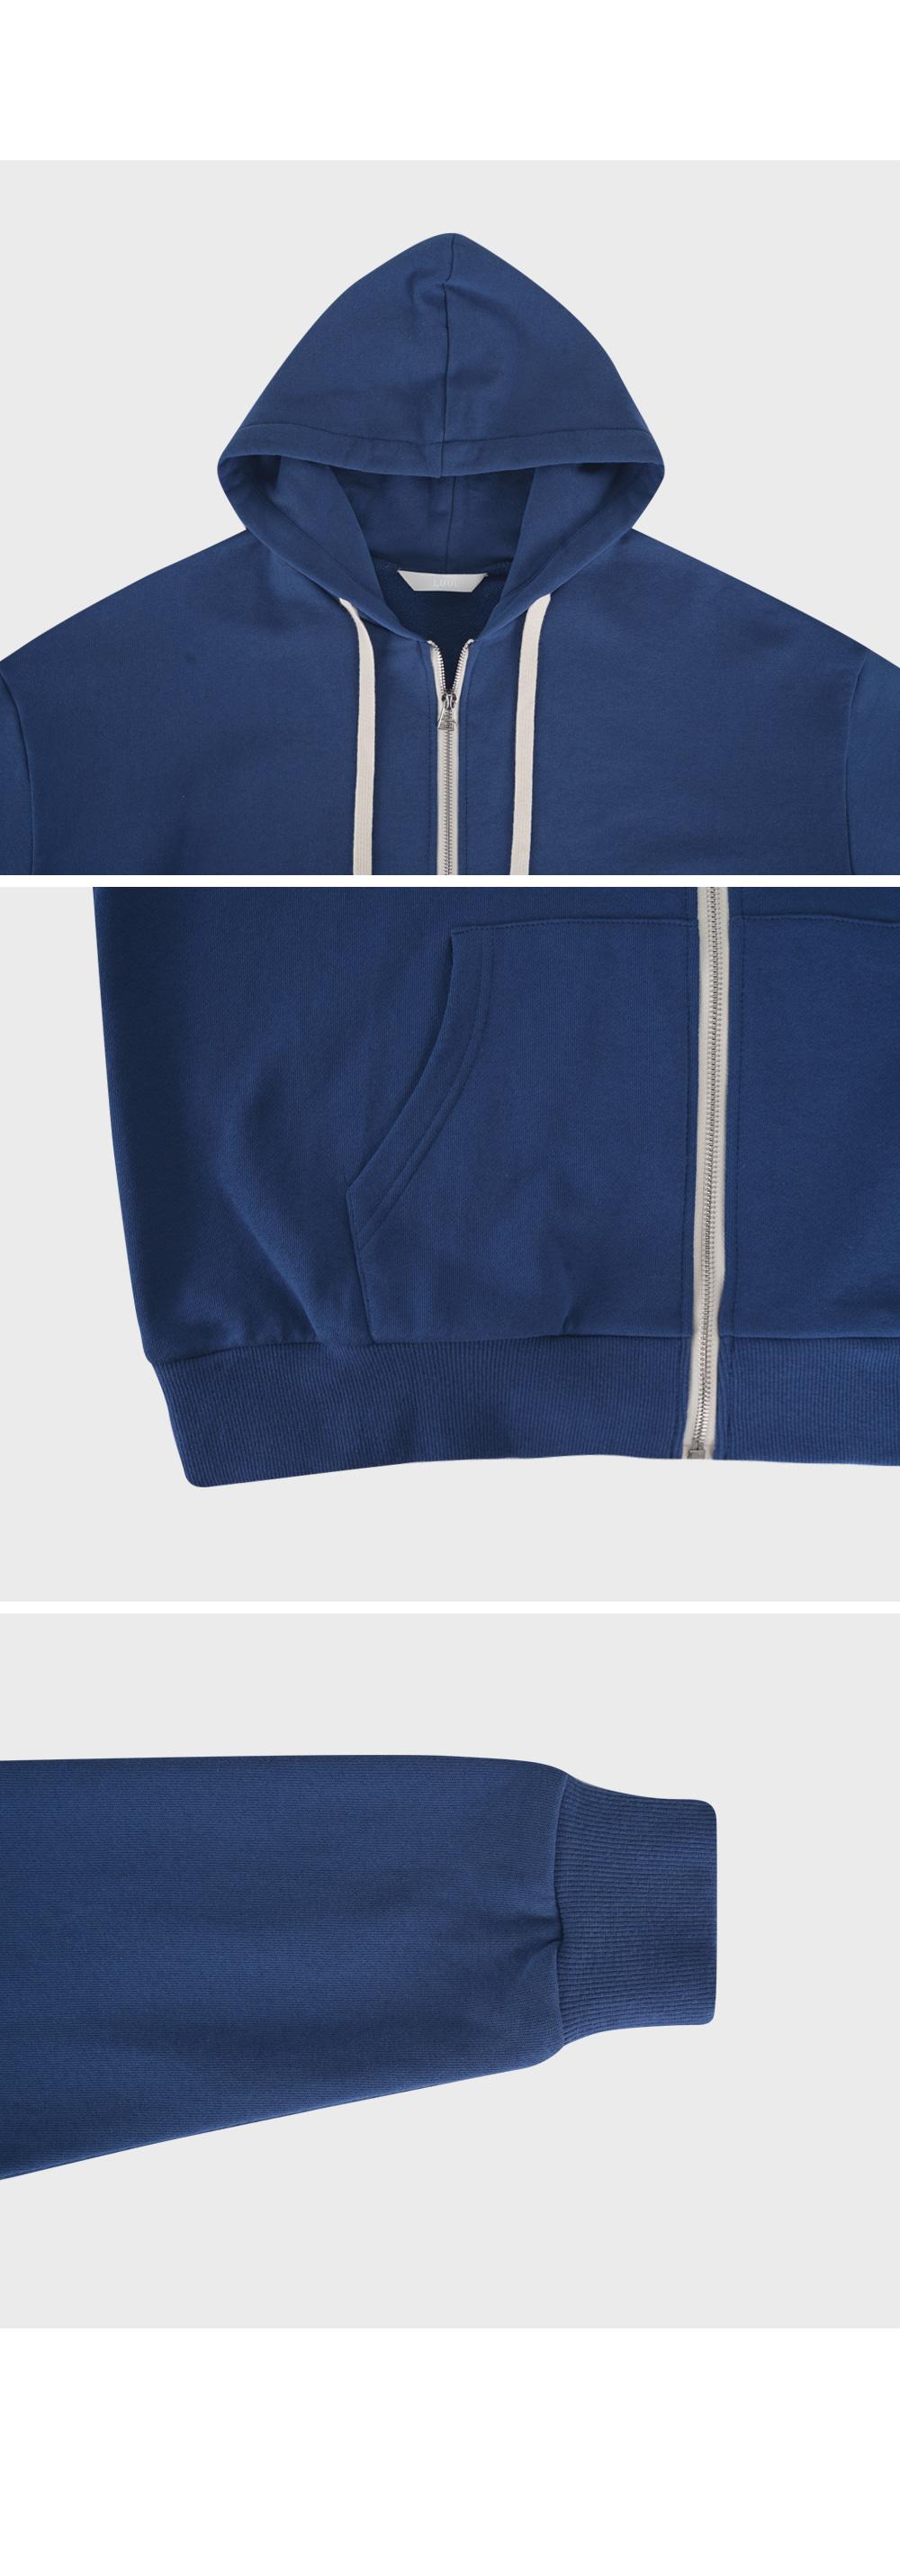 Semi Crop Zip Hoodie-holiholic.com